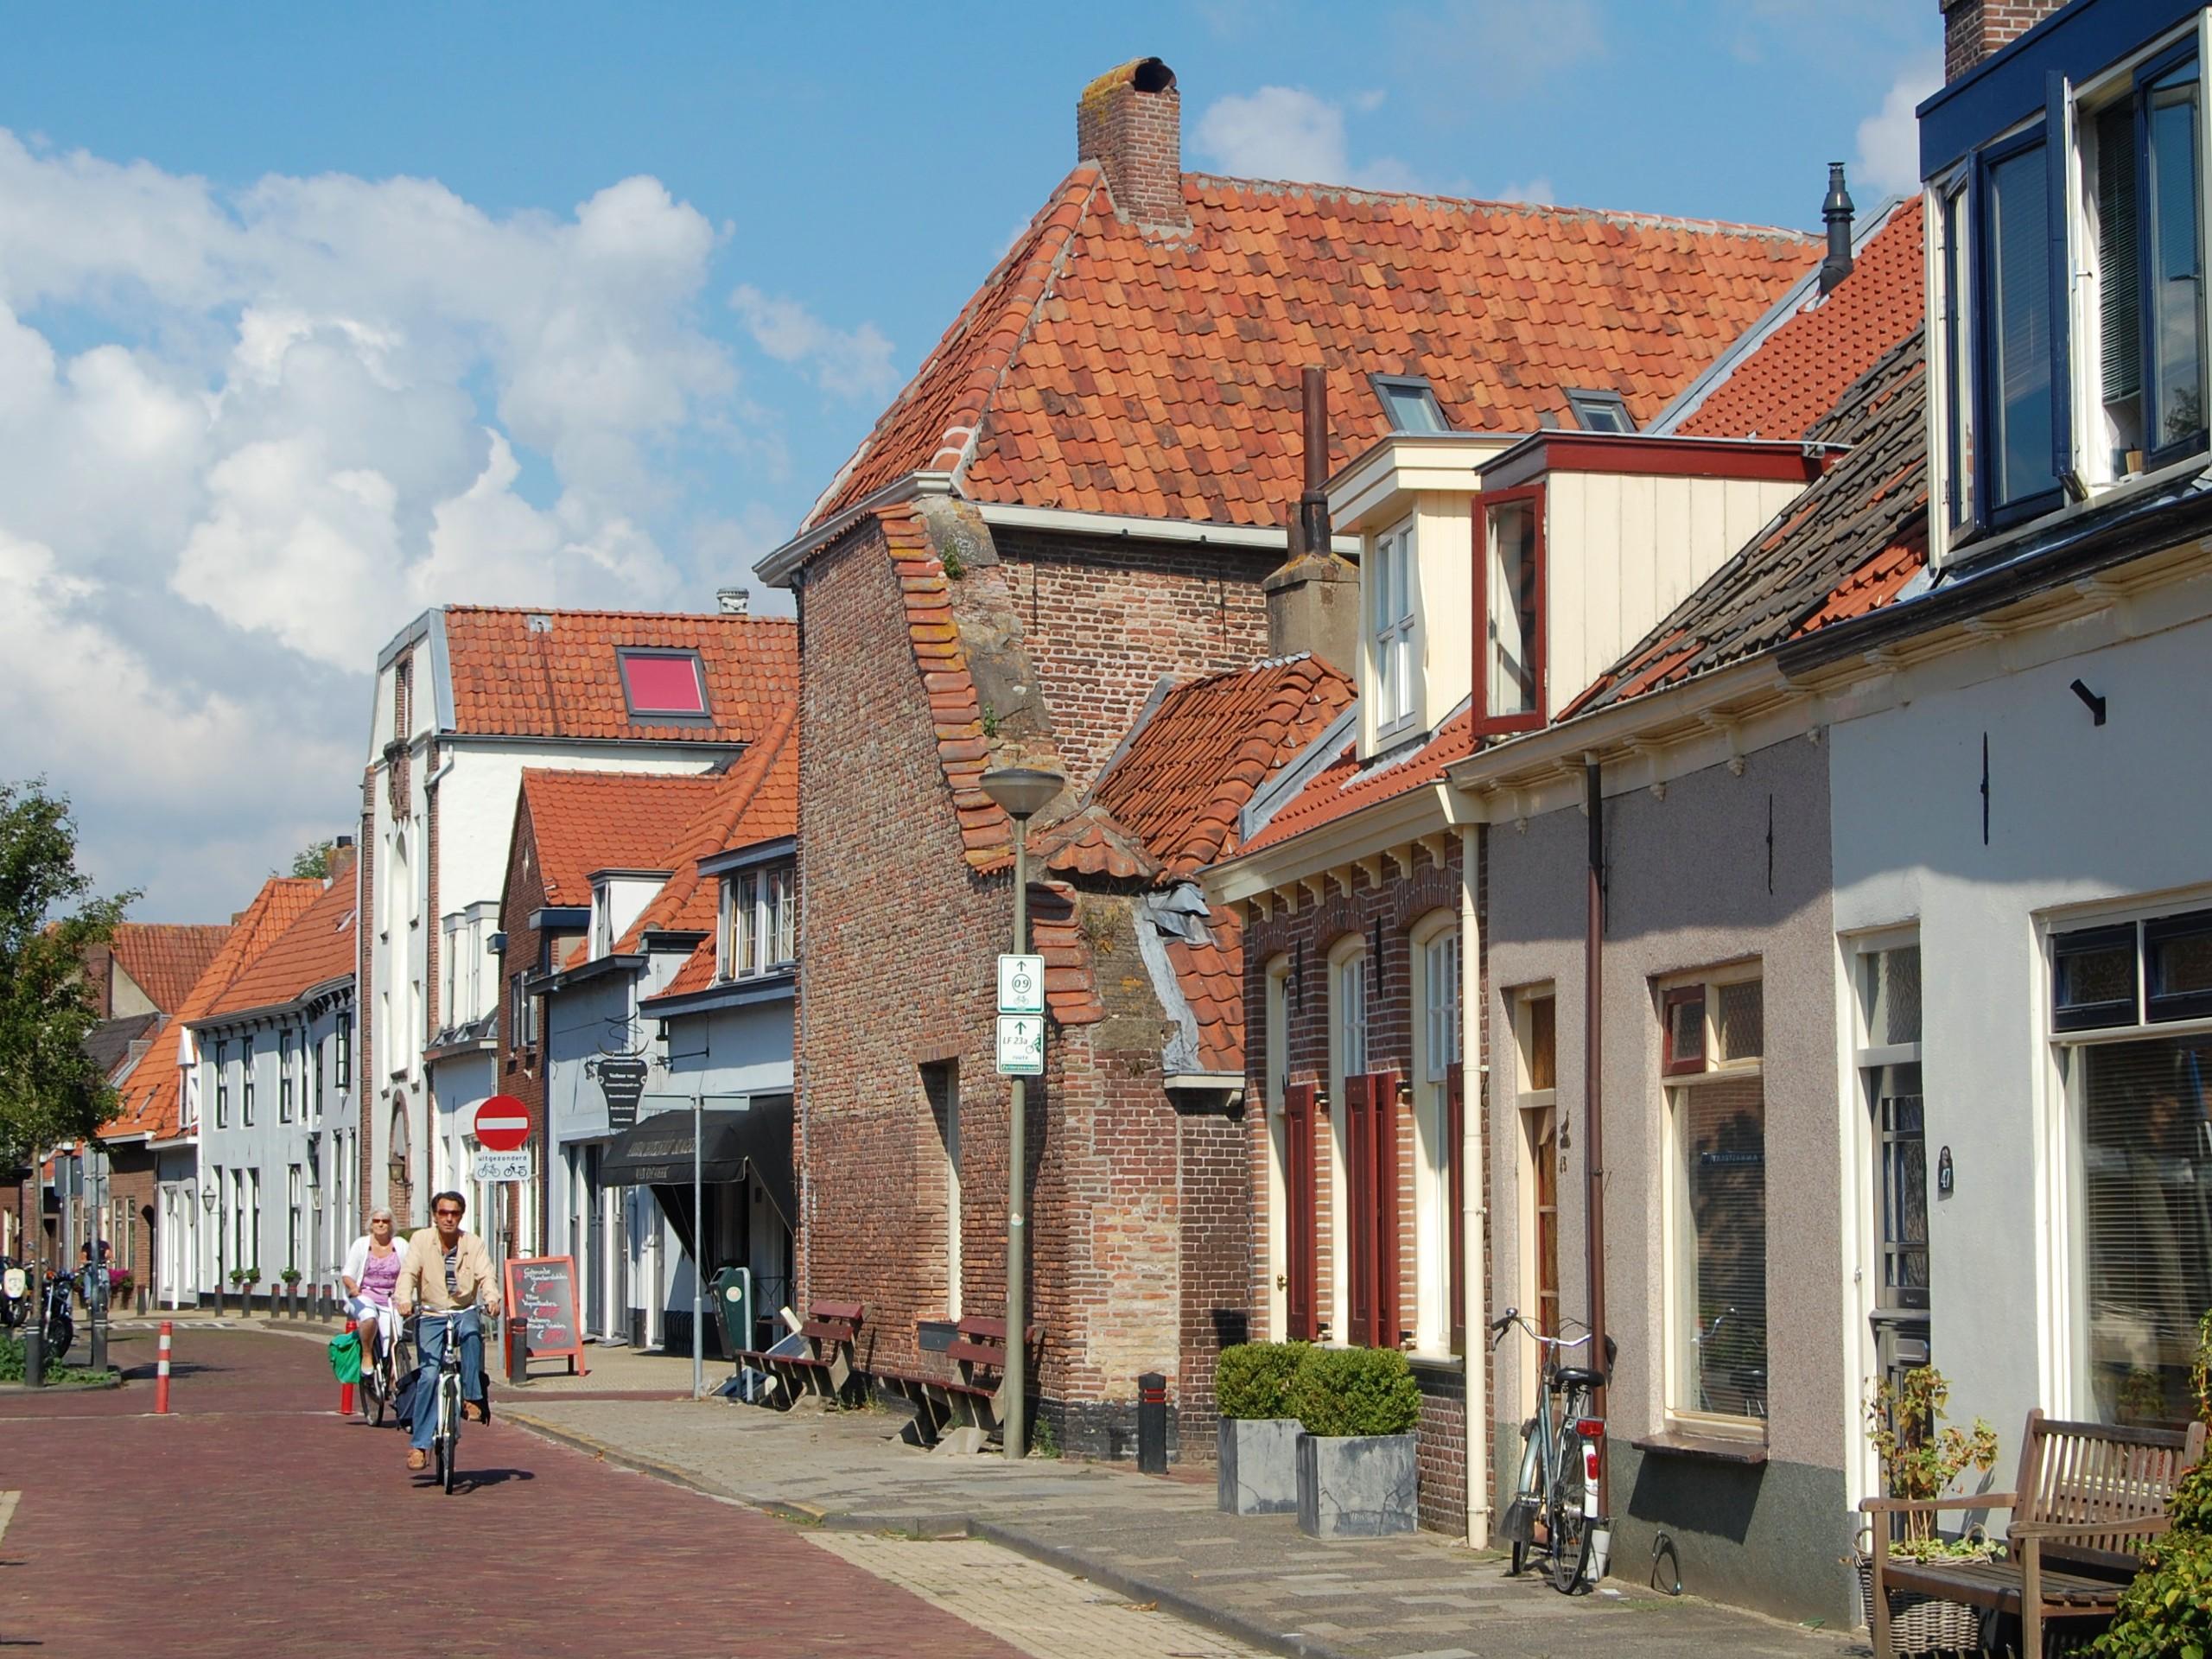 Oldtown of Harderwijk